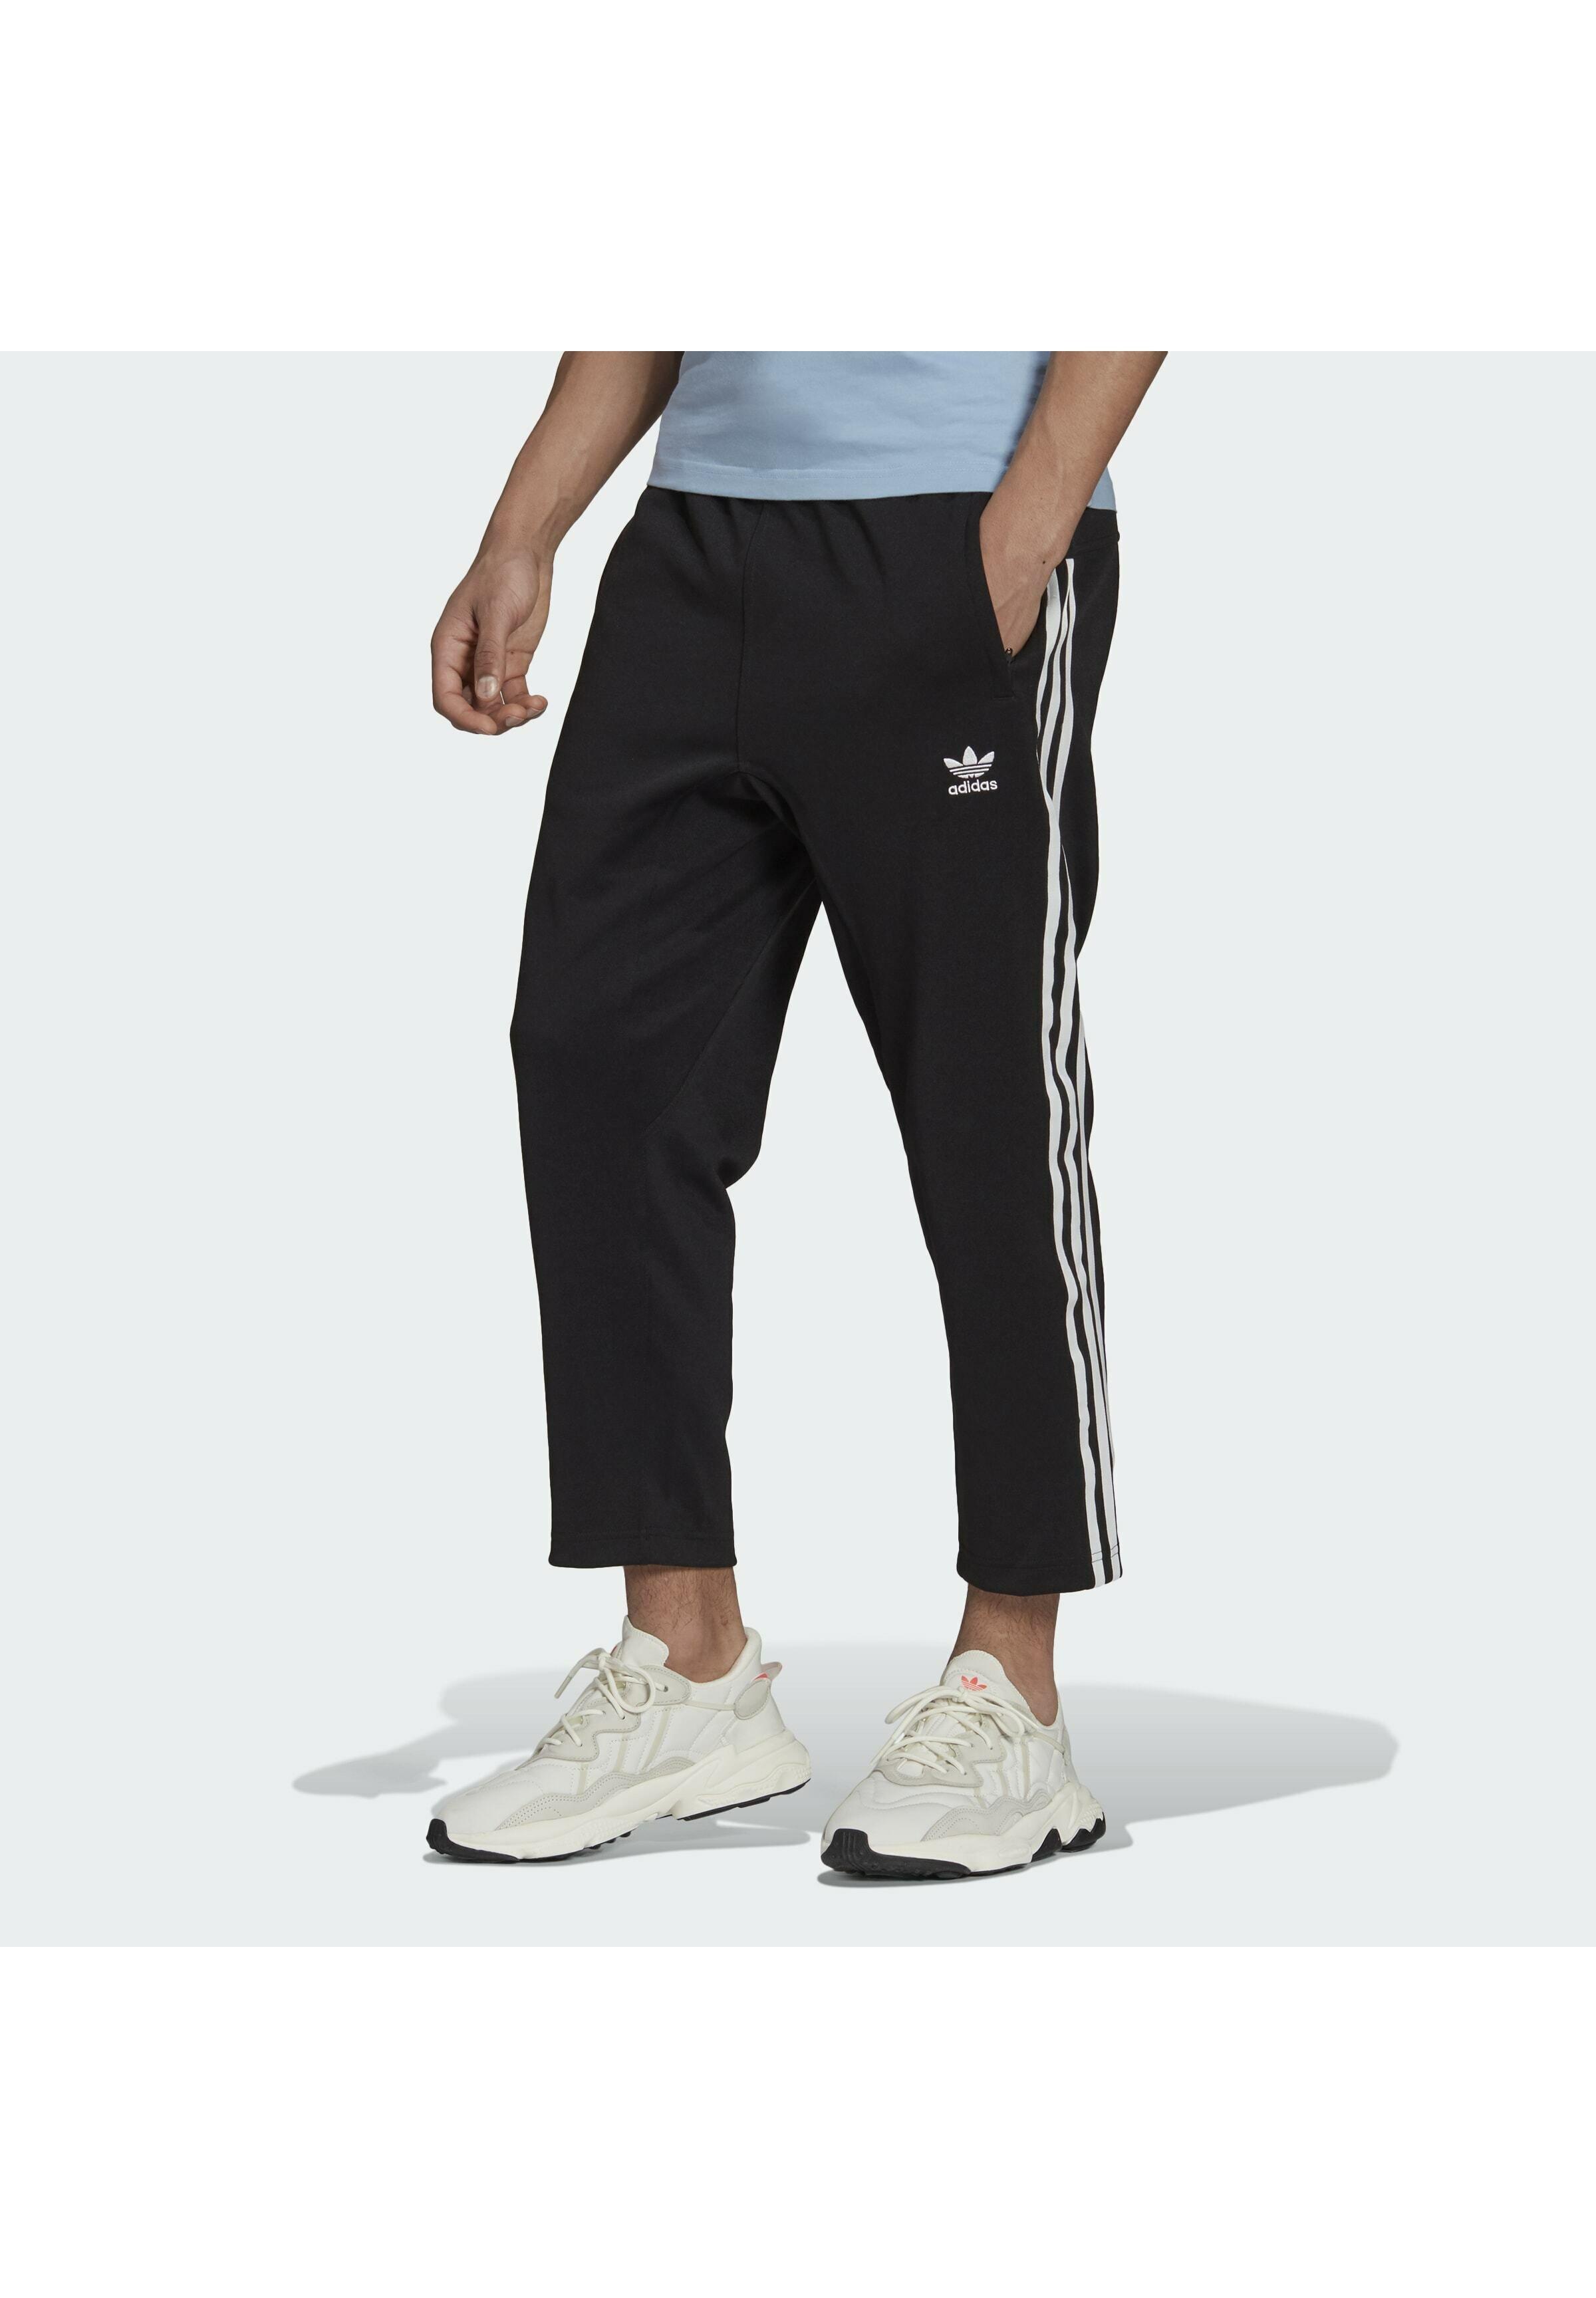 Homme 3-STRIPES 7/8 ORIGINALS ADICOLOR PRIMEBLUE TRACK PANTS RELAXED - Pantalon de survêtement